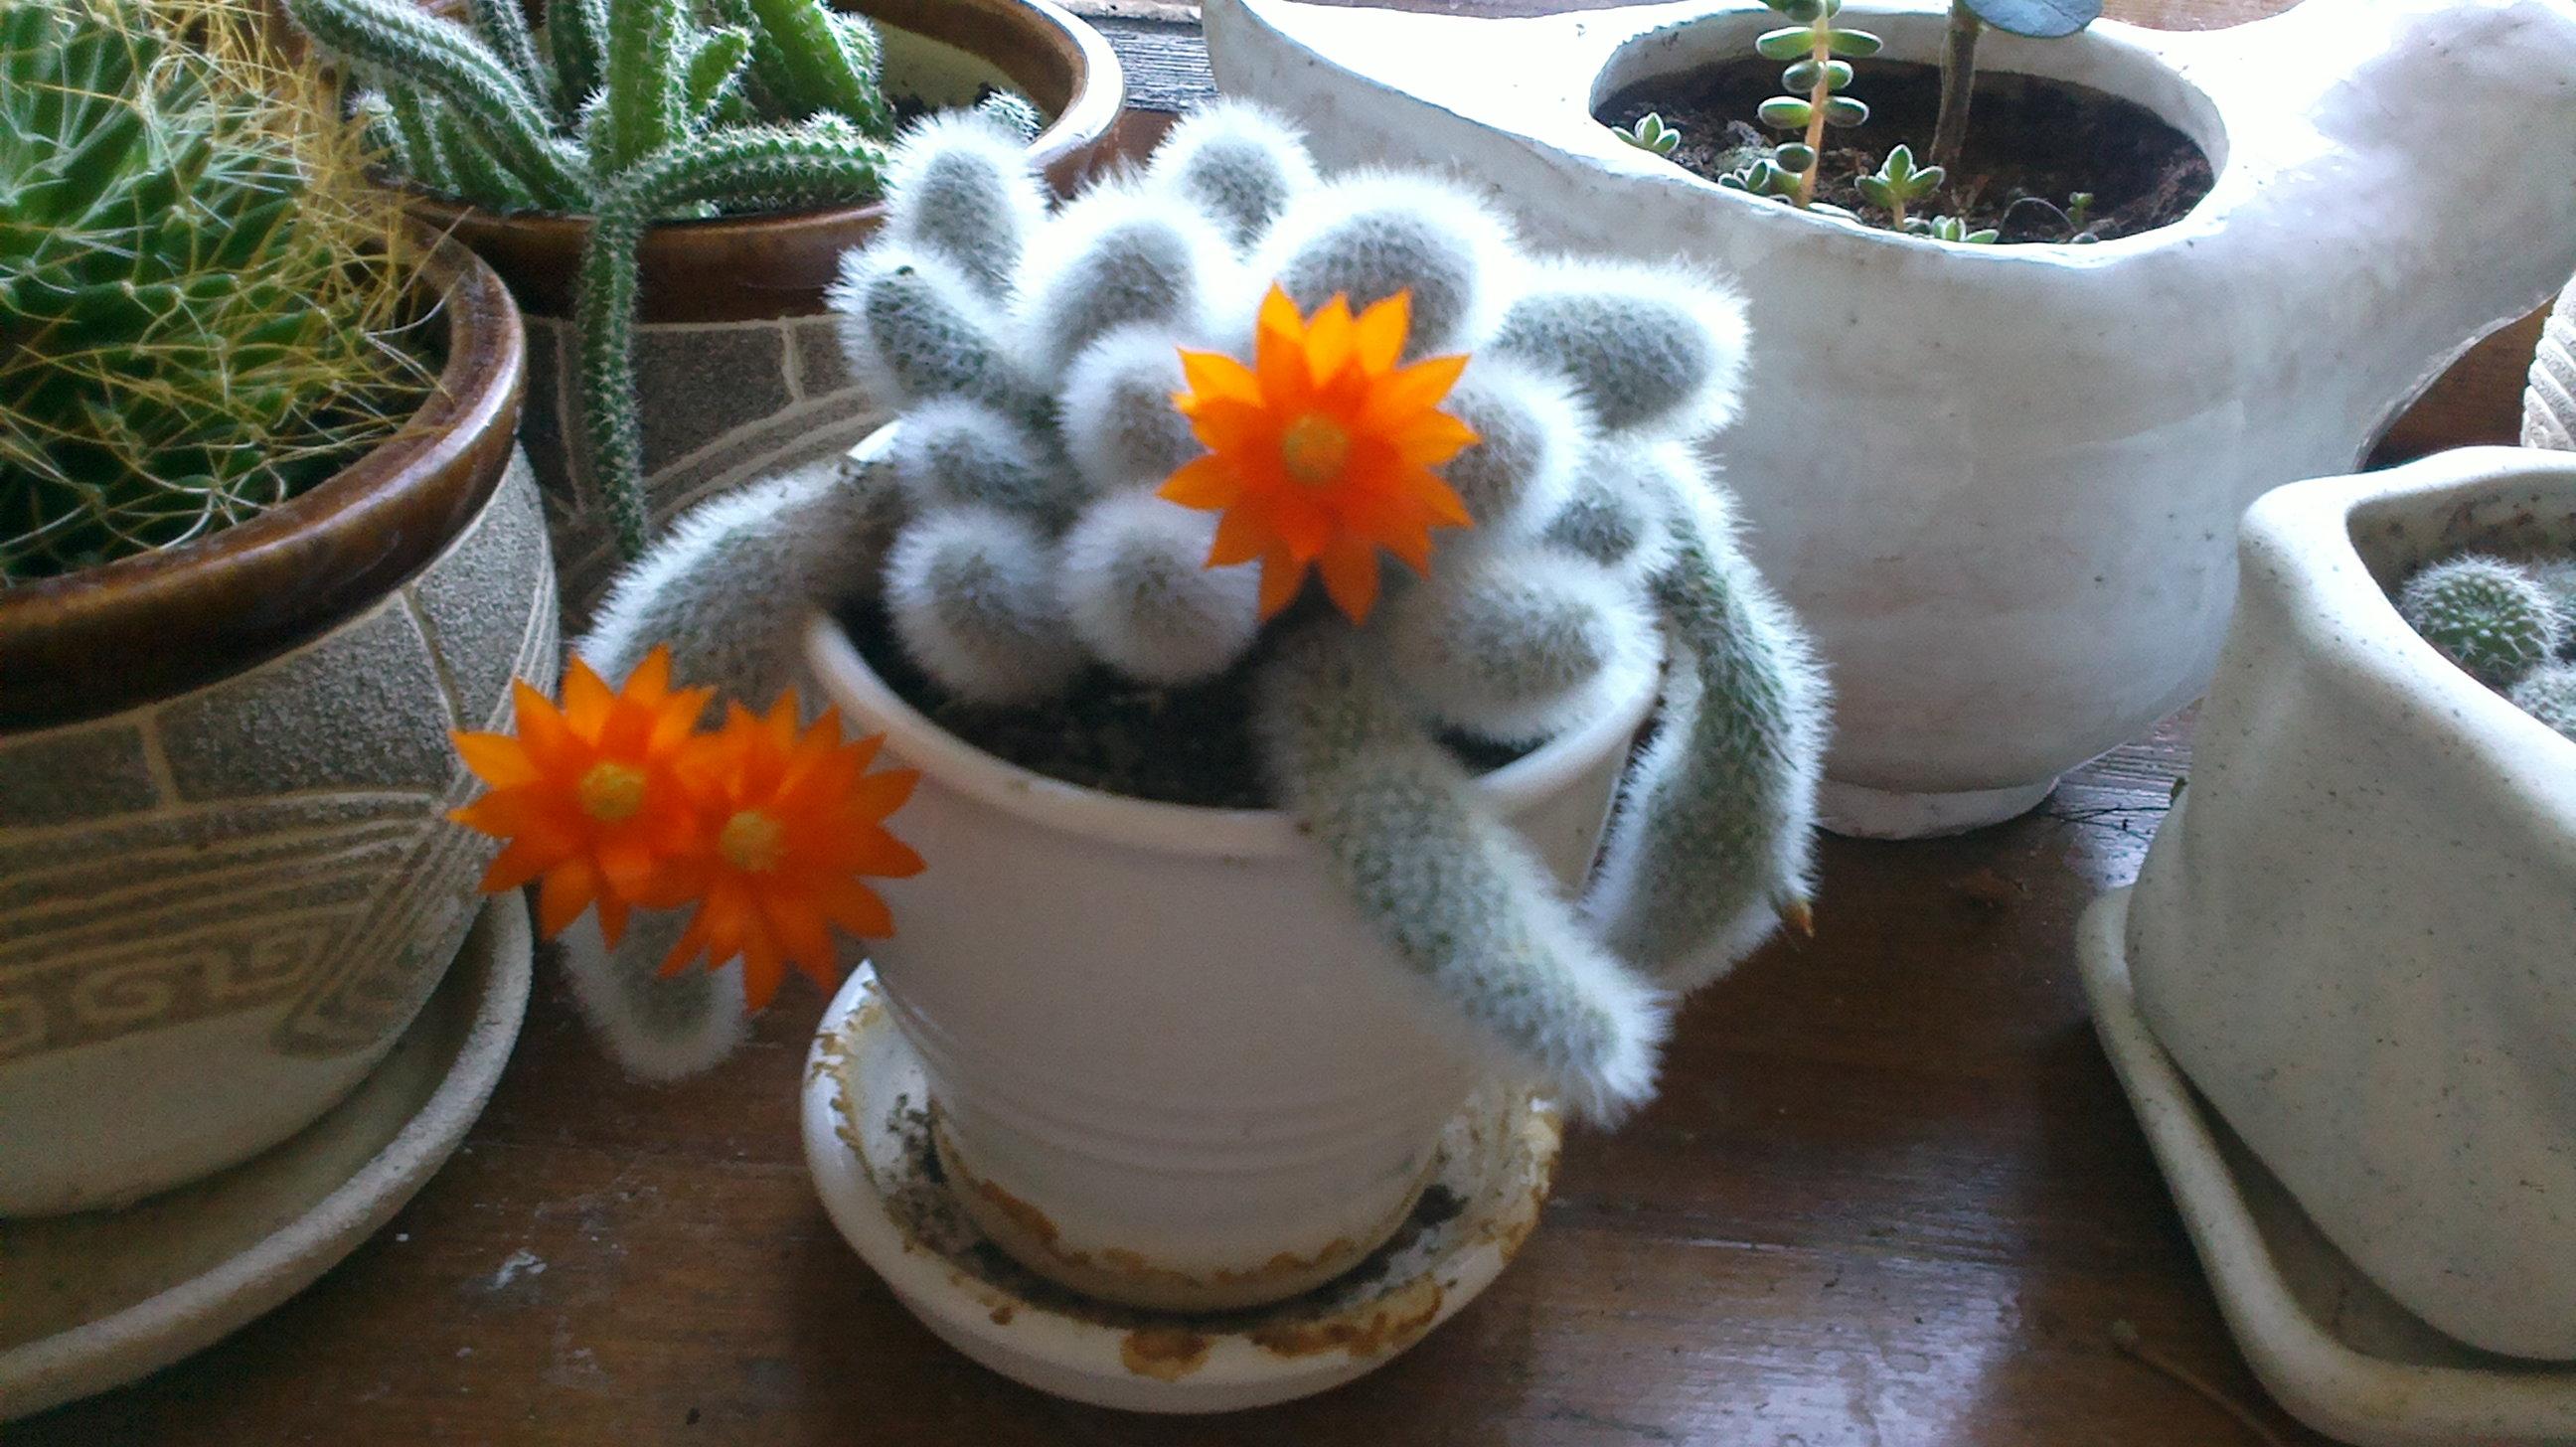 купить кактус в нижнем новгороде